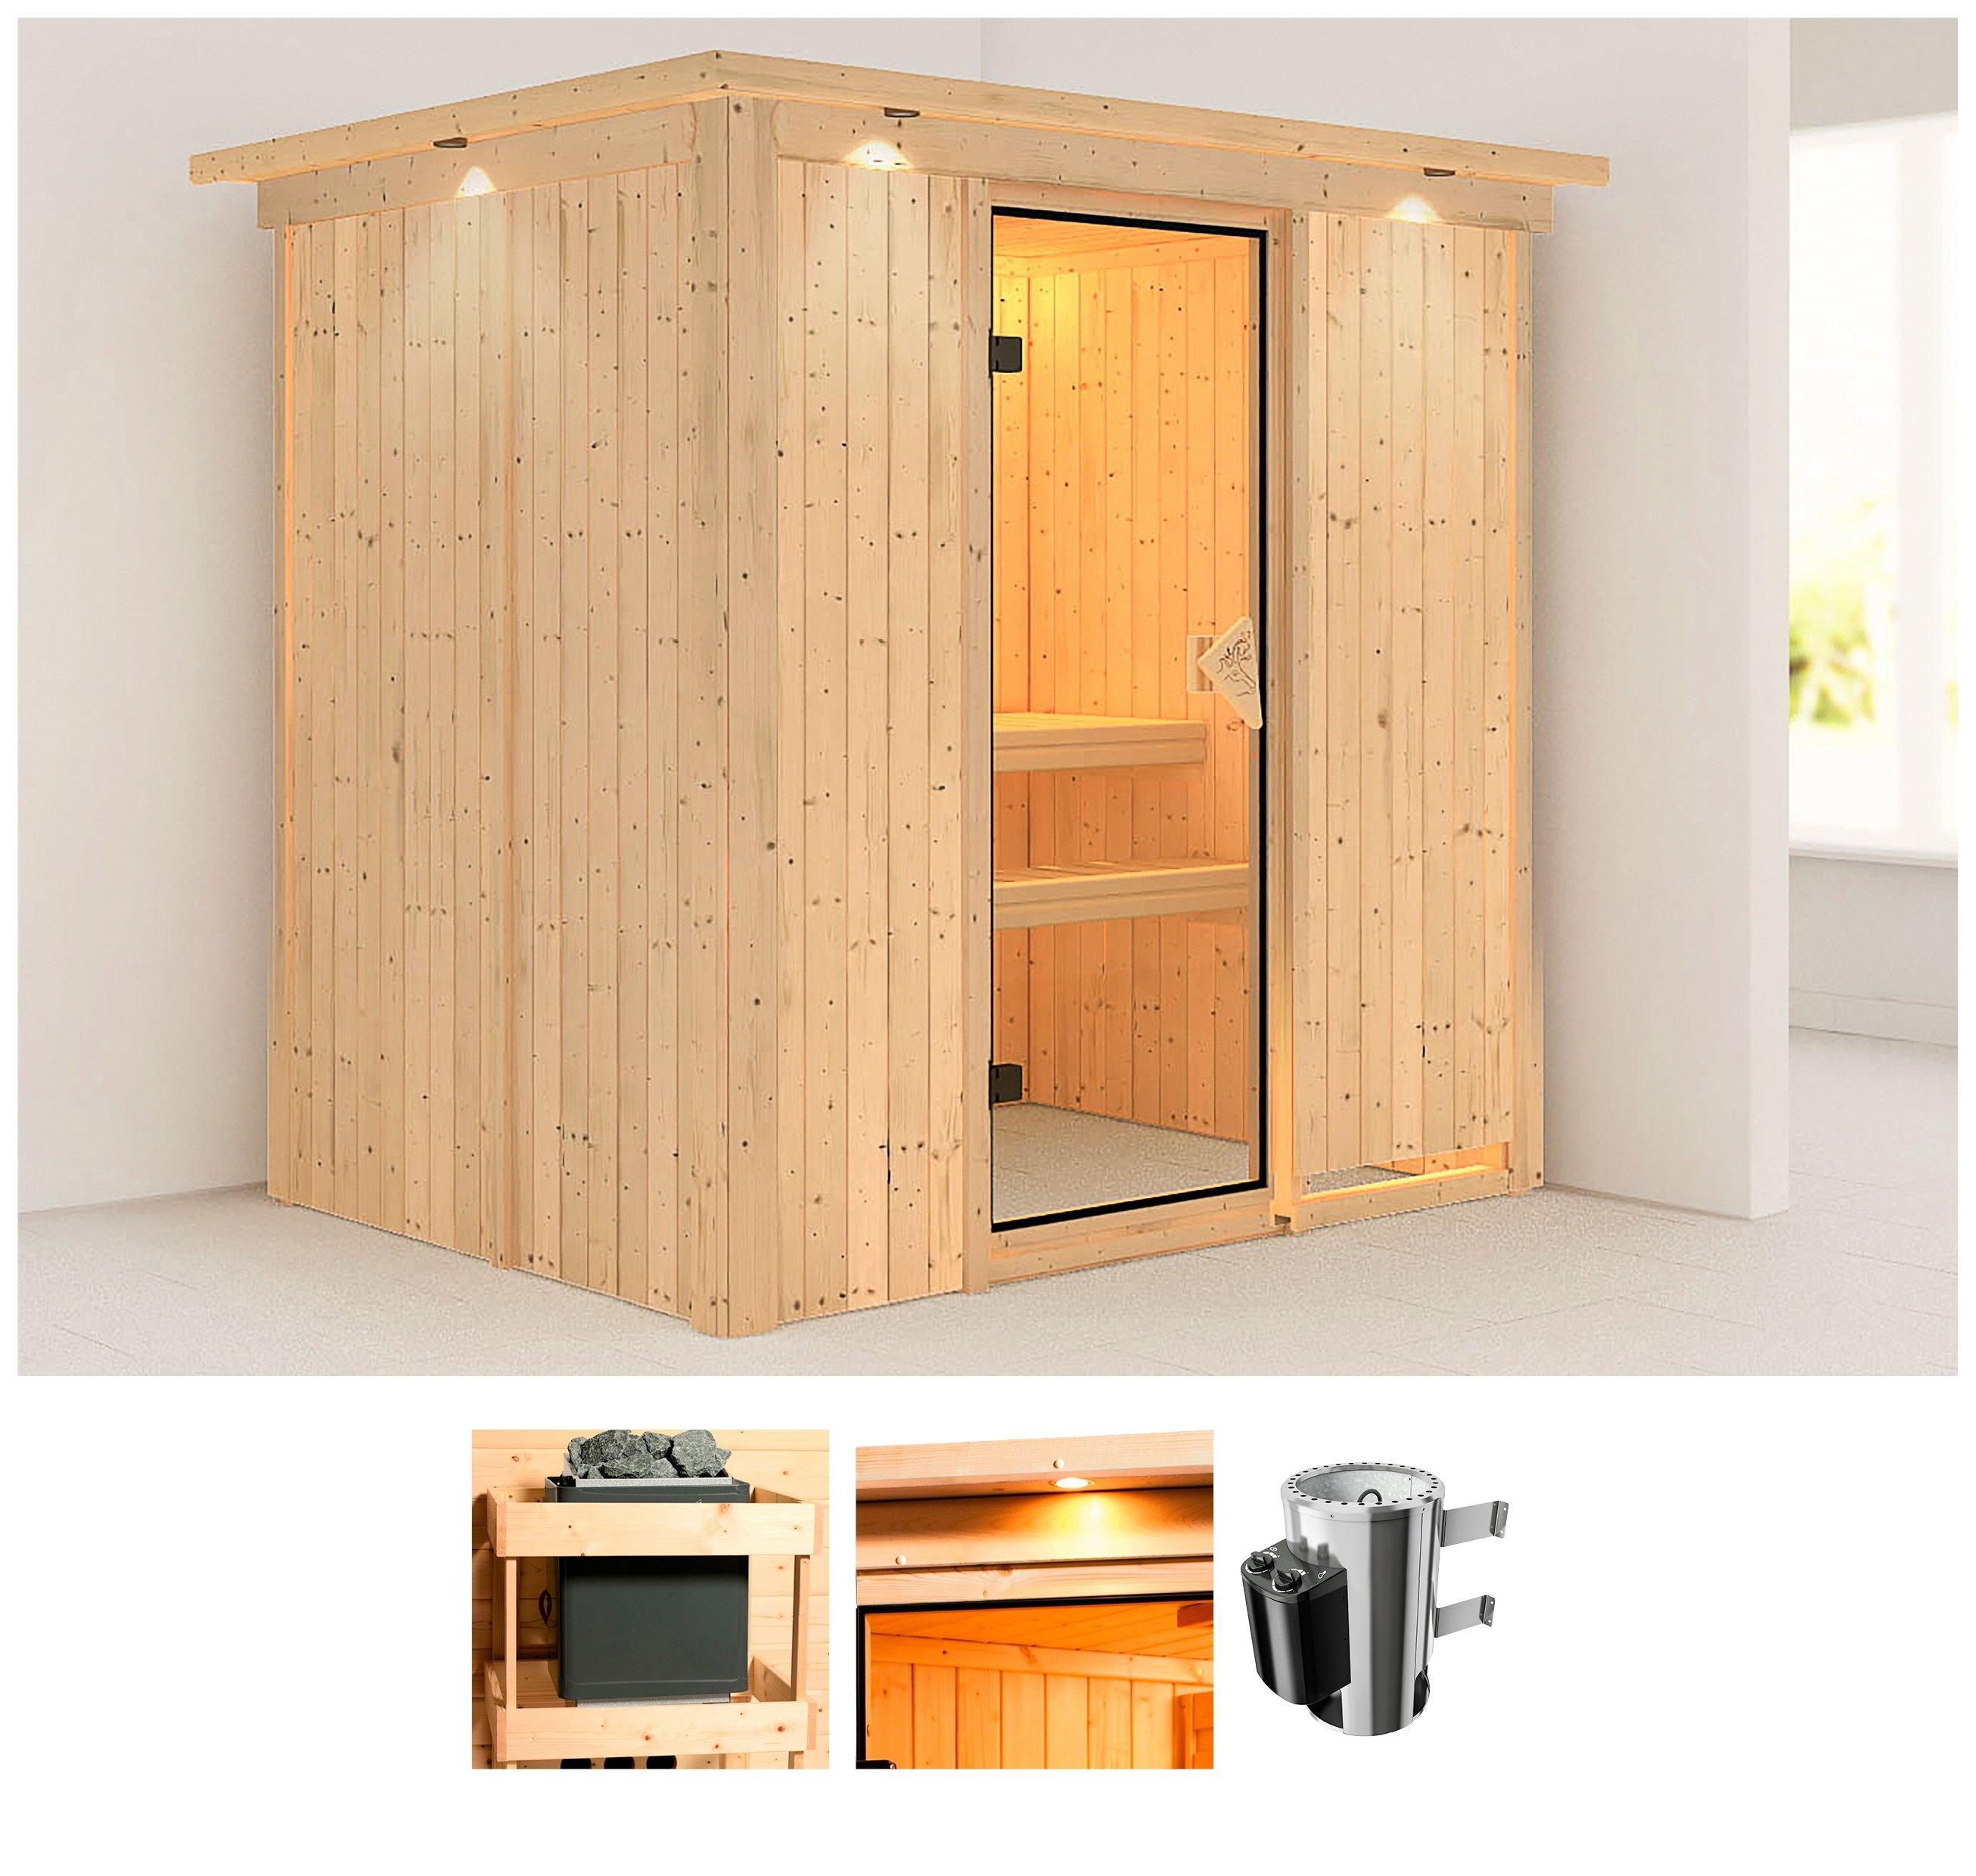 Karibu sauna »Anki«, 210x165x202 cm, 3,6 kW Plug & Play Ofen mit int. Steuerung nu online bestellen